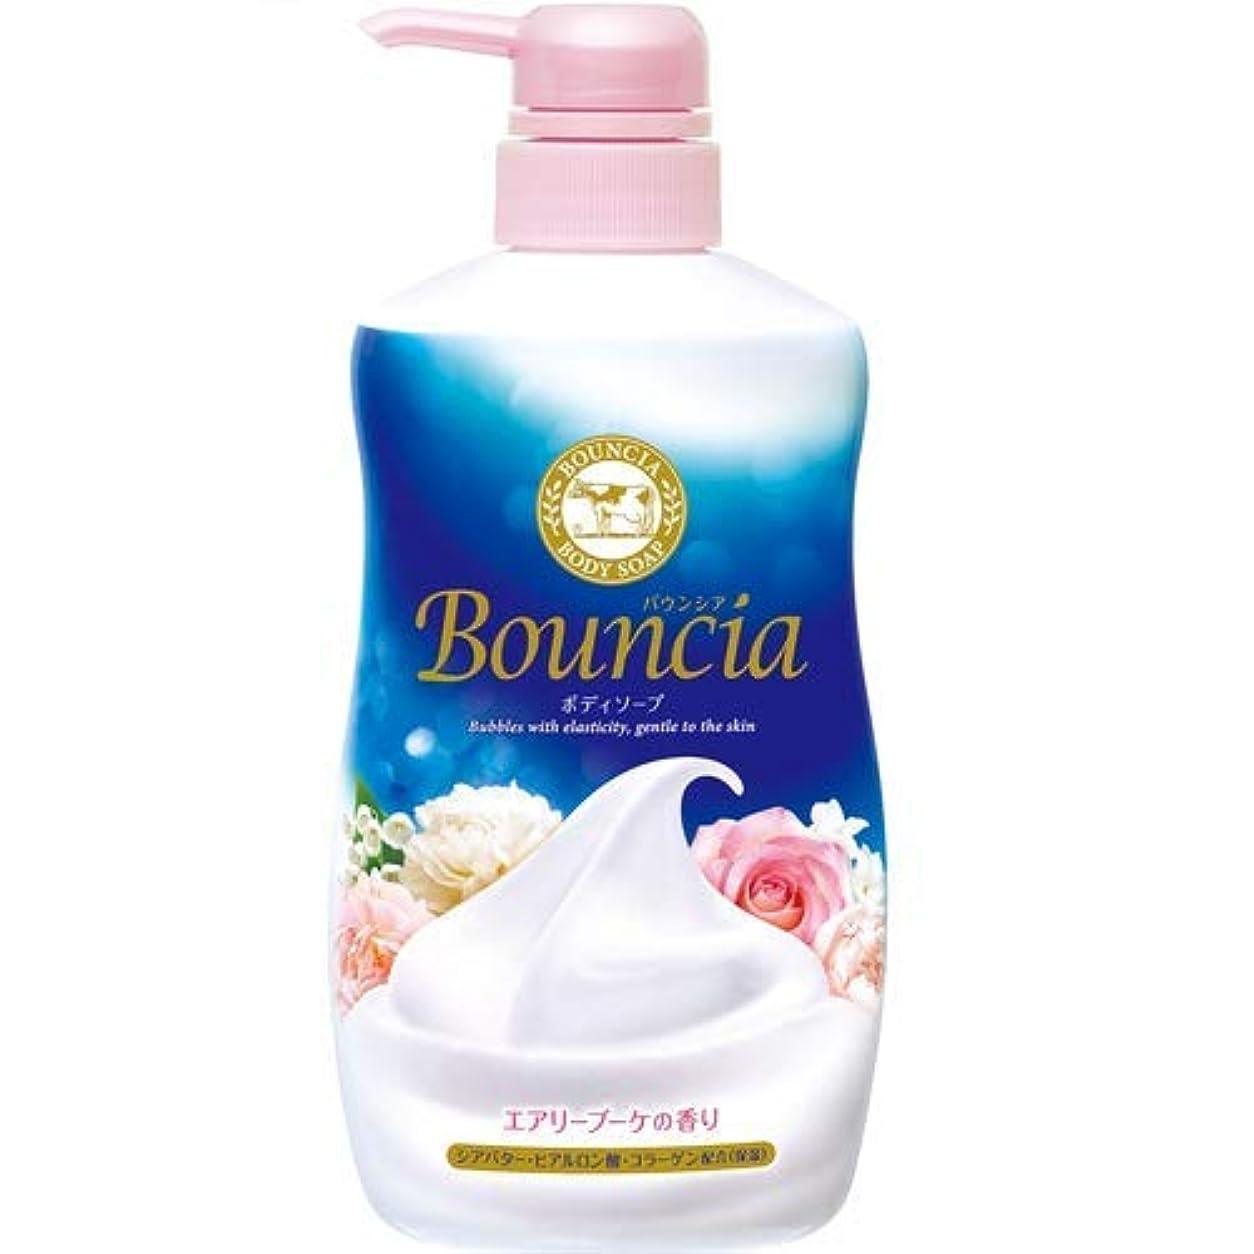 イルイーウェルセグメントバウンシア ボディソープ エアリーブーケの香り ポンプ付 500mL